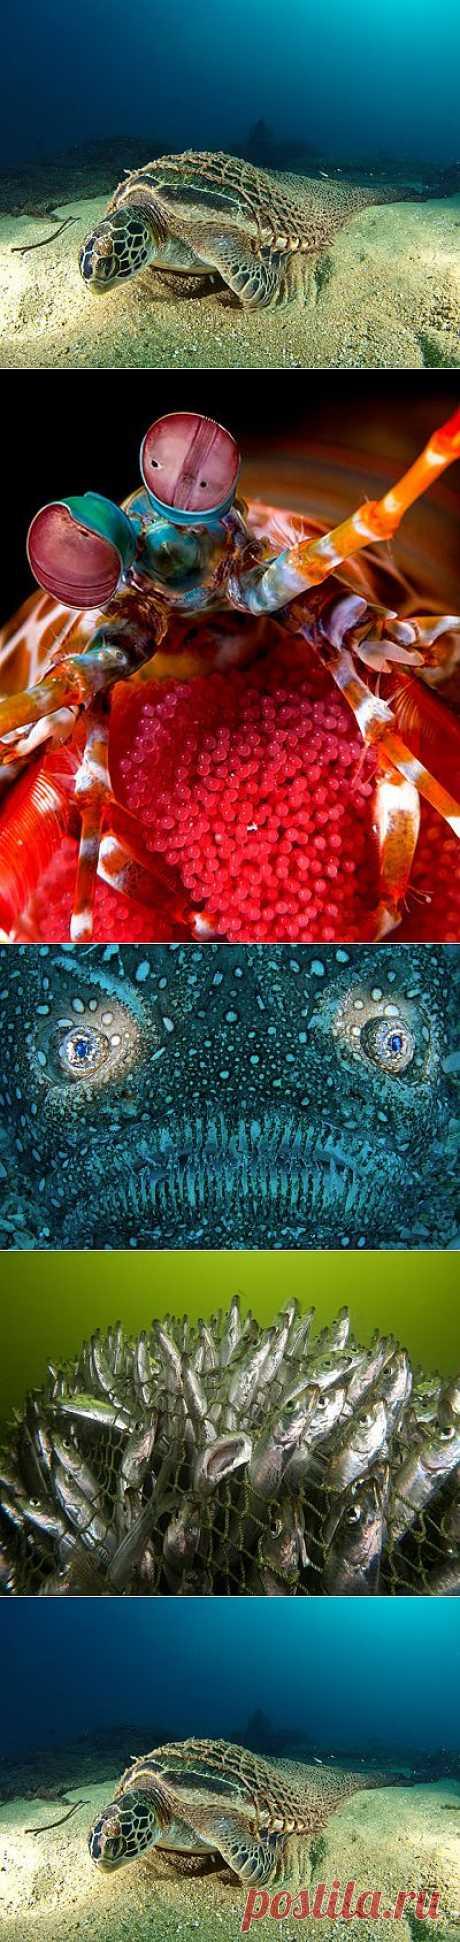 » Лучшие фотографии подводного мира 2010 Это интересно!